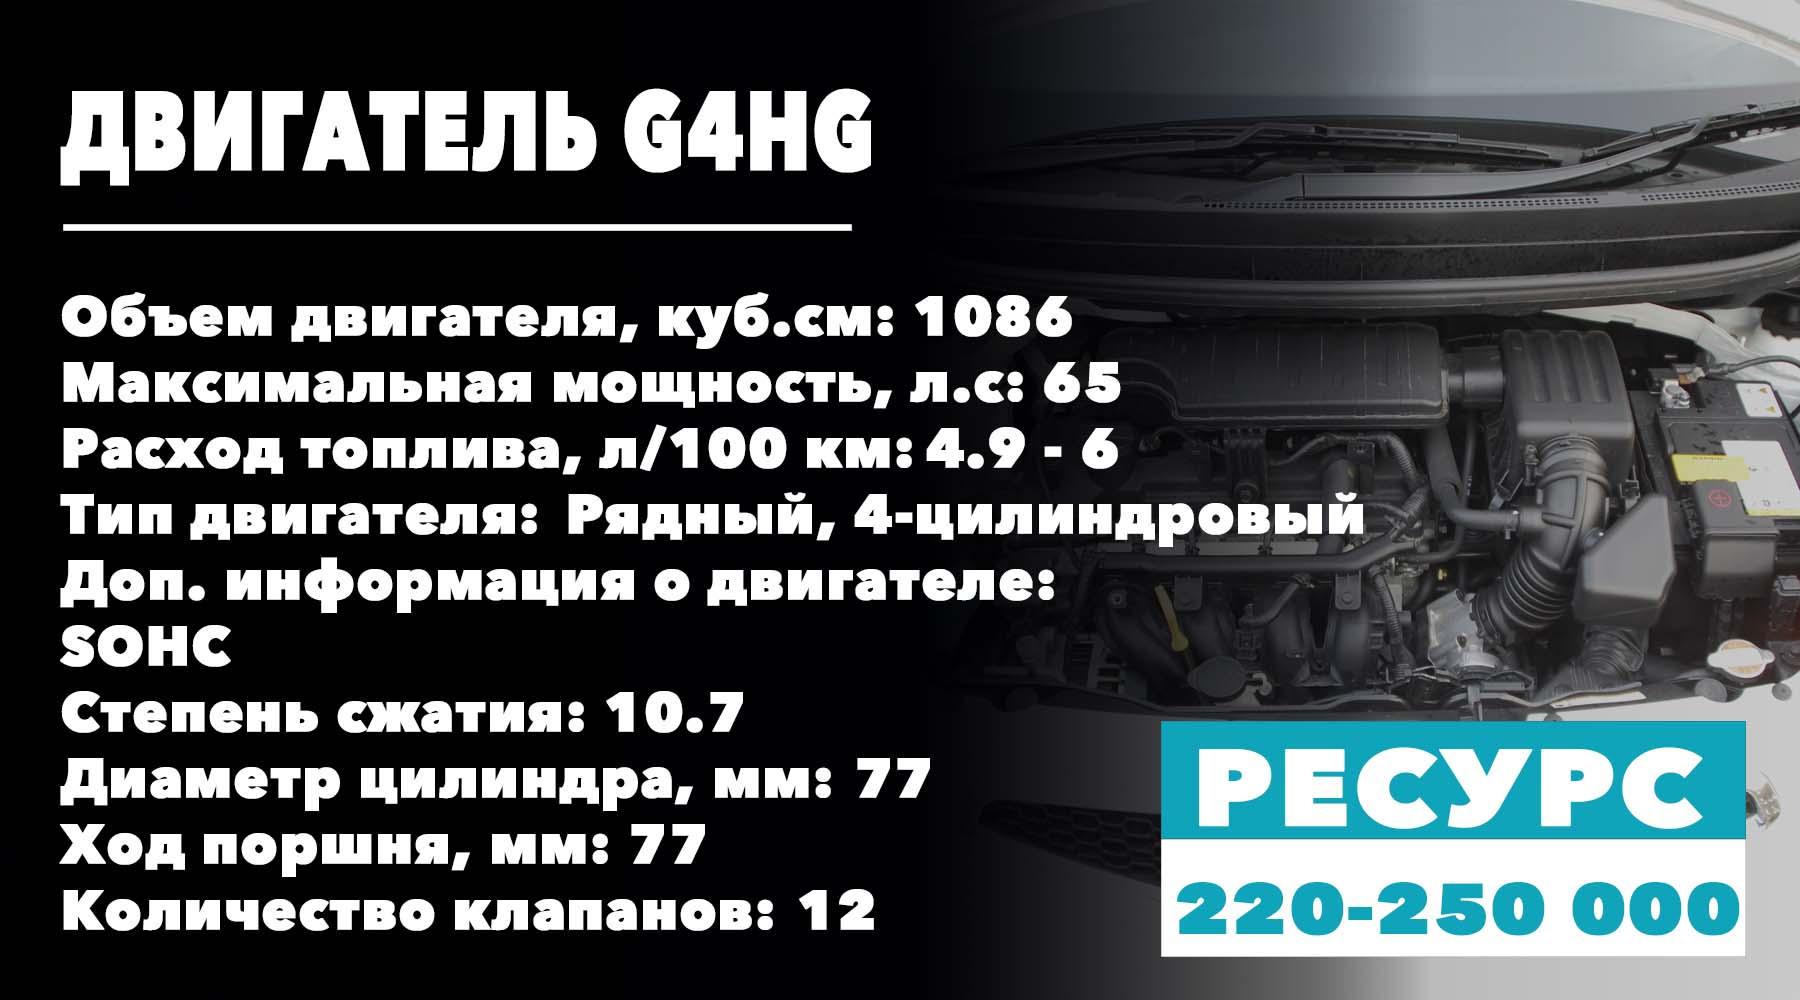 Сколько «ходит» мотор G4HG 1.1 Киа Пиканто